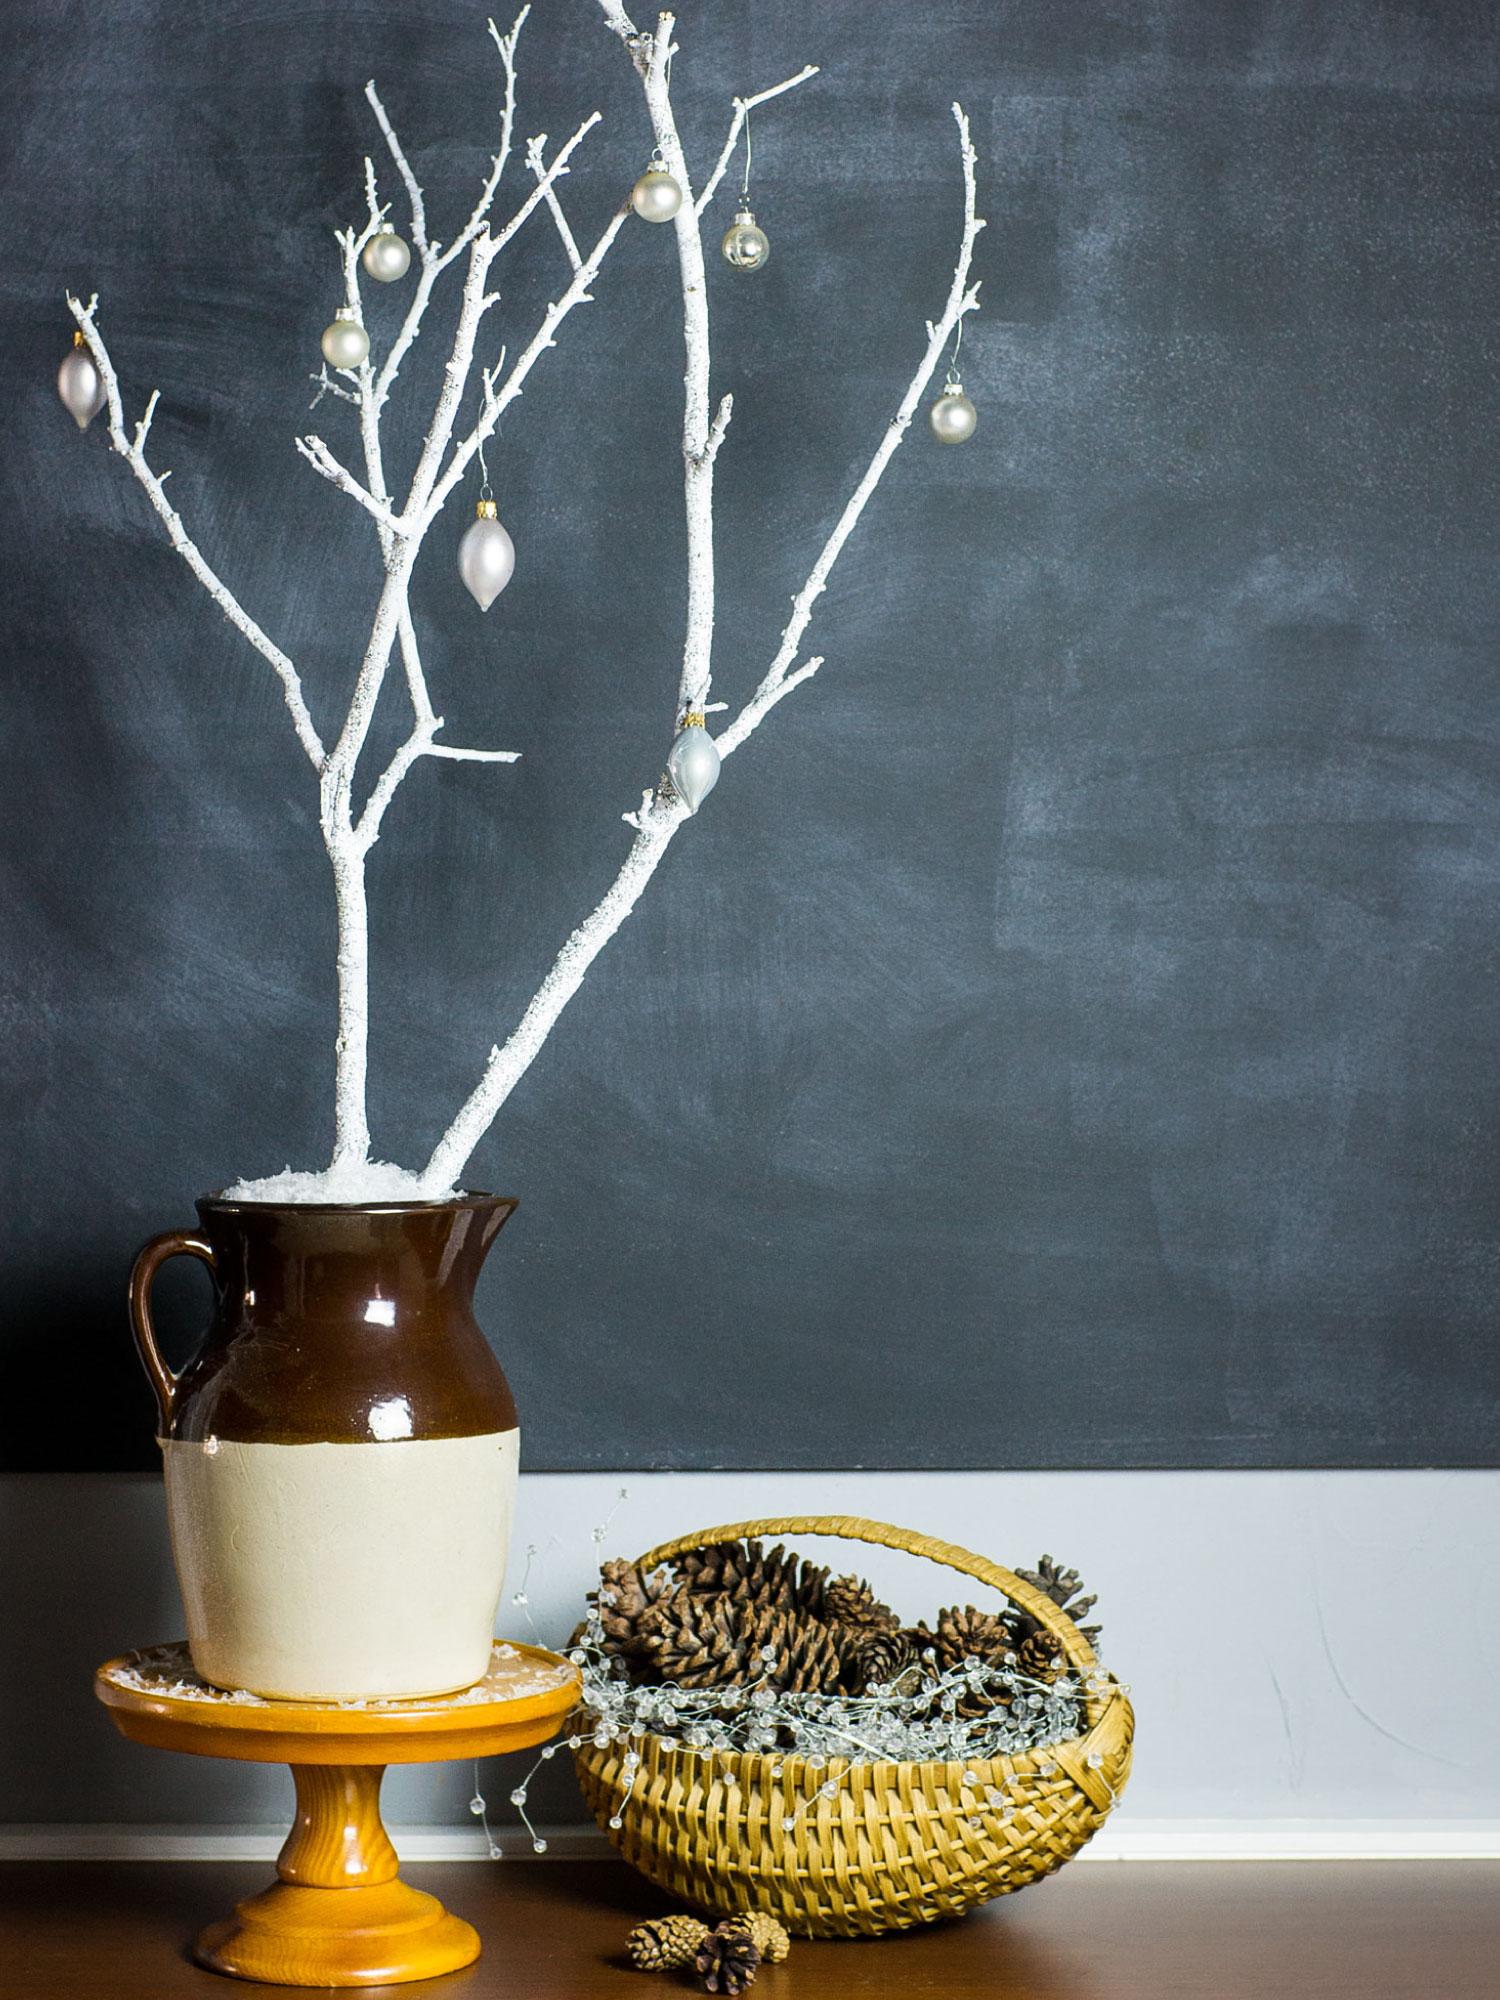 Glitter Branch Decor by Sam Henderson of Today's Nest for HGTVGardens,